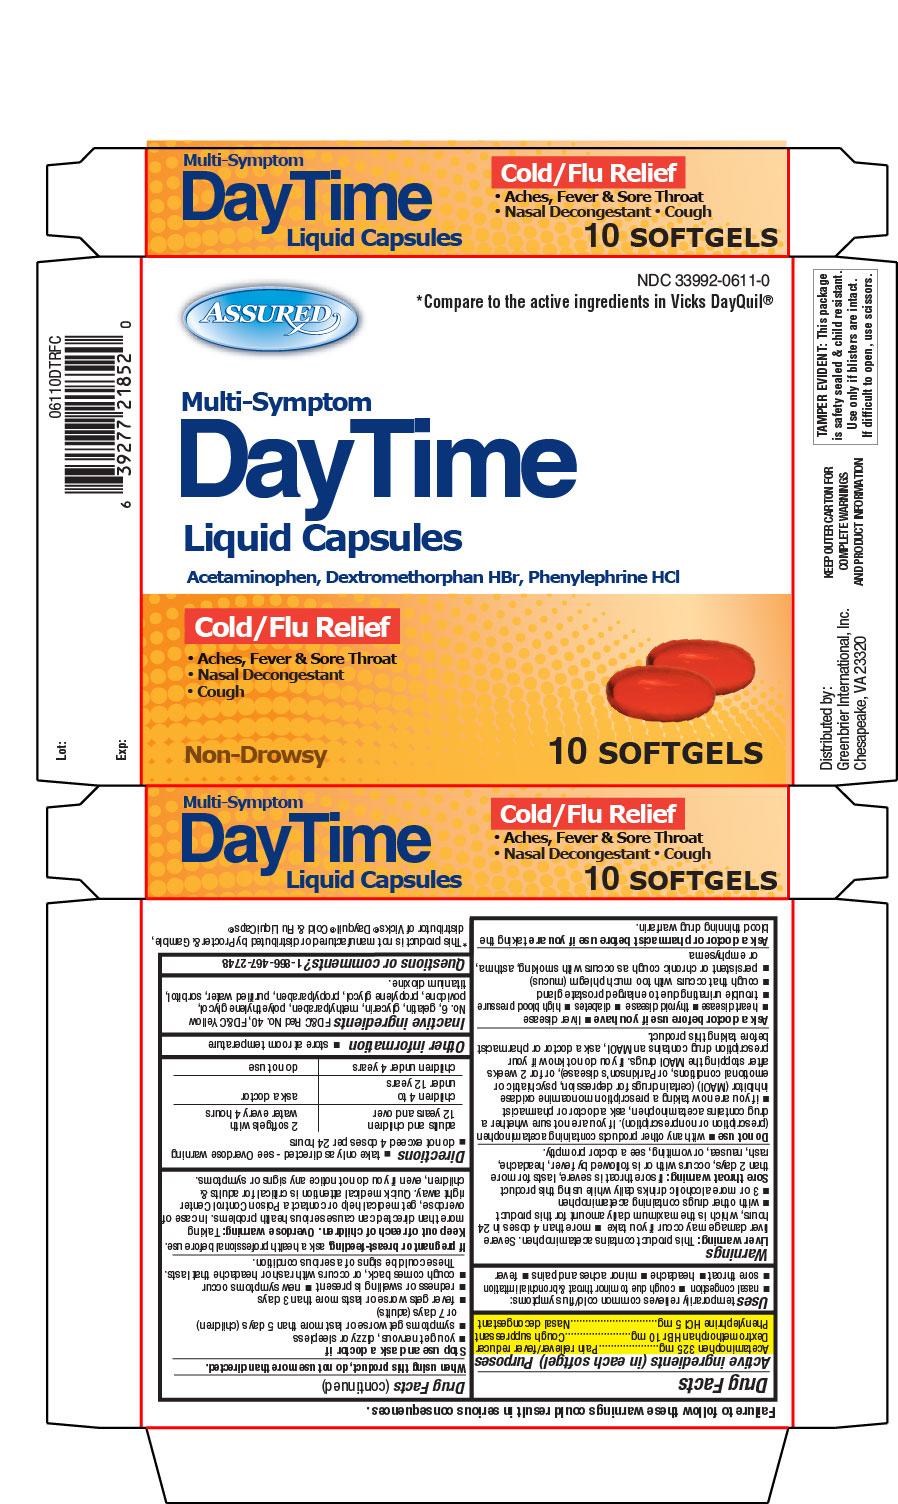 Daytime Liquid Capsules Cold/Flu Relief 10ct